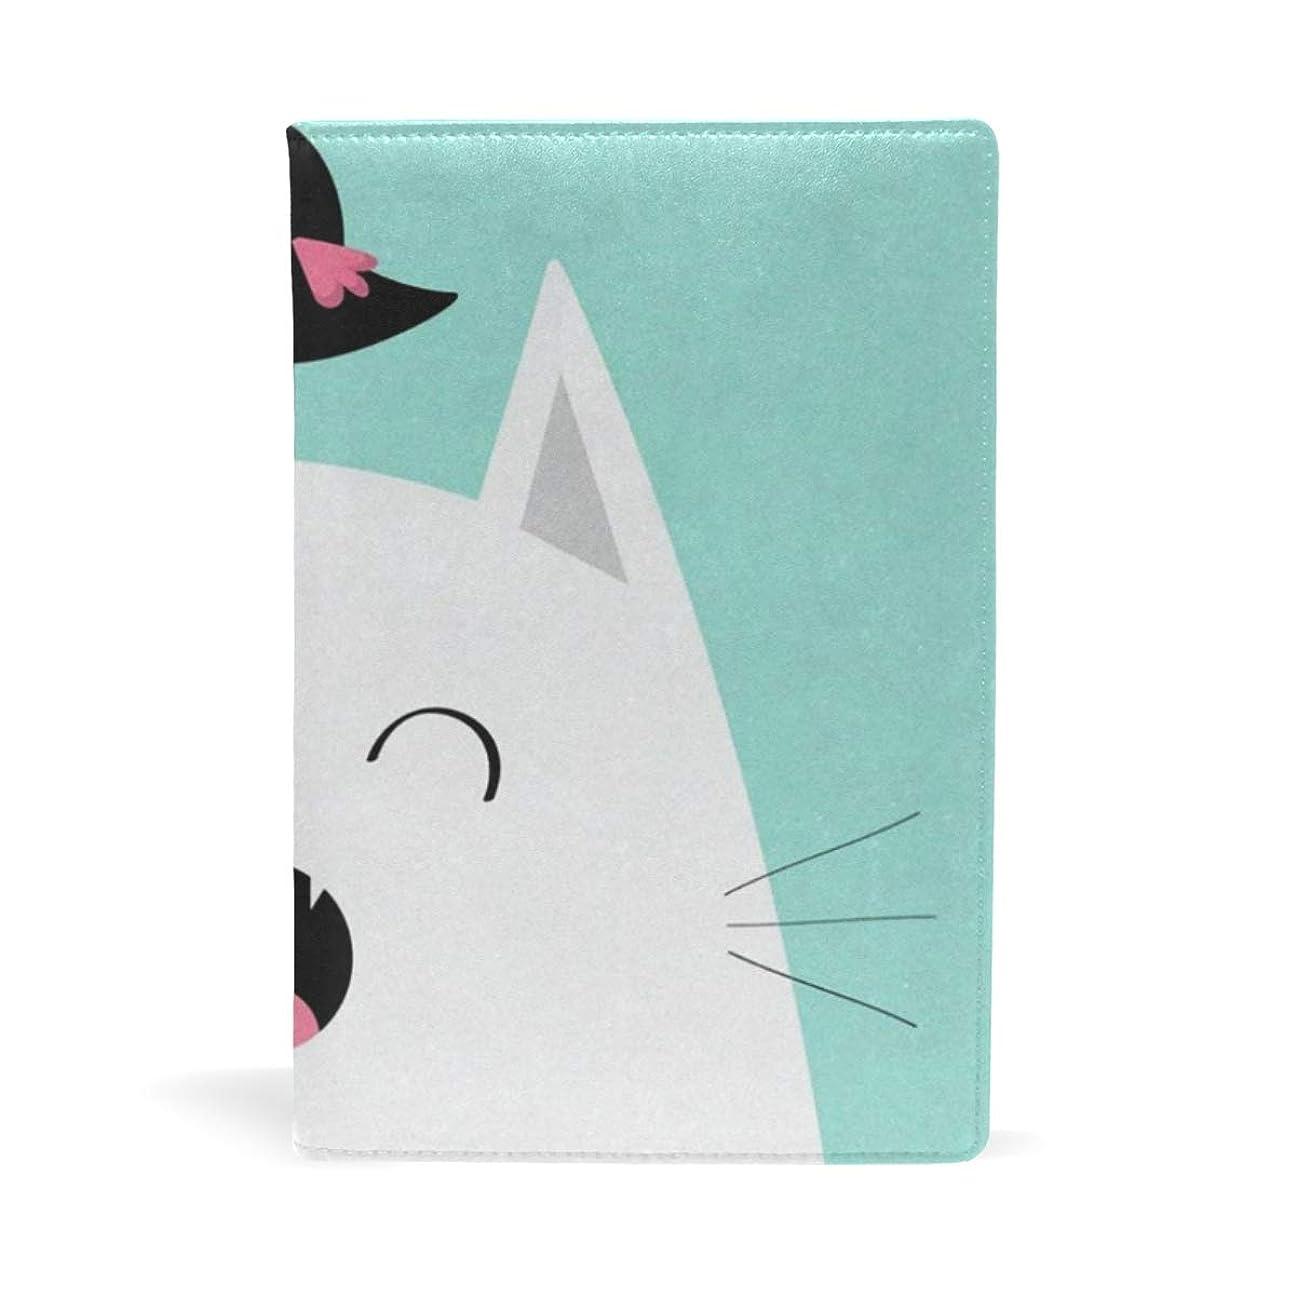 ハードリング耐えられる規範可愛い 猫 ブックカバー 文庫 a5 皮革 おしゃれ 文庫本カバー 資料 収納入れ オフィス用品 読書 雑貨 プレゼント耐久性に優れ